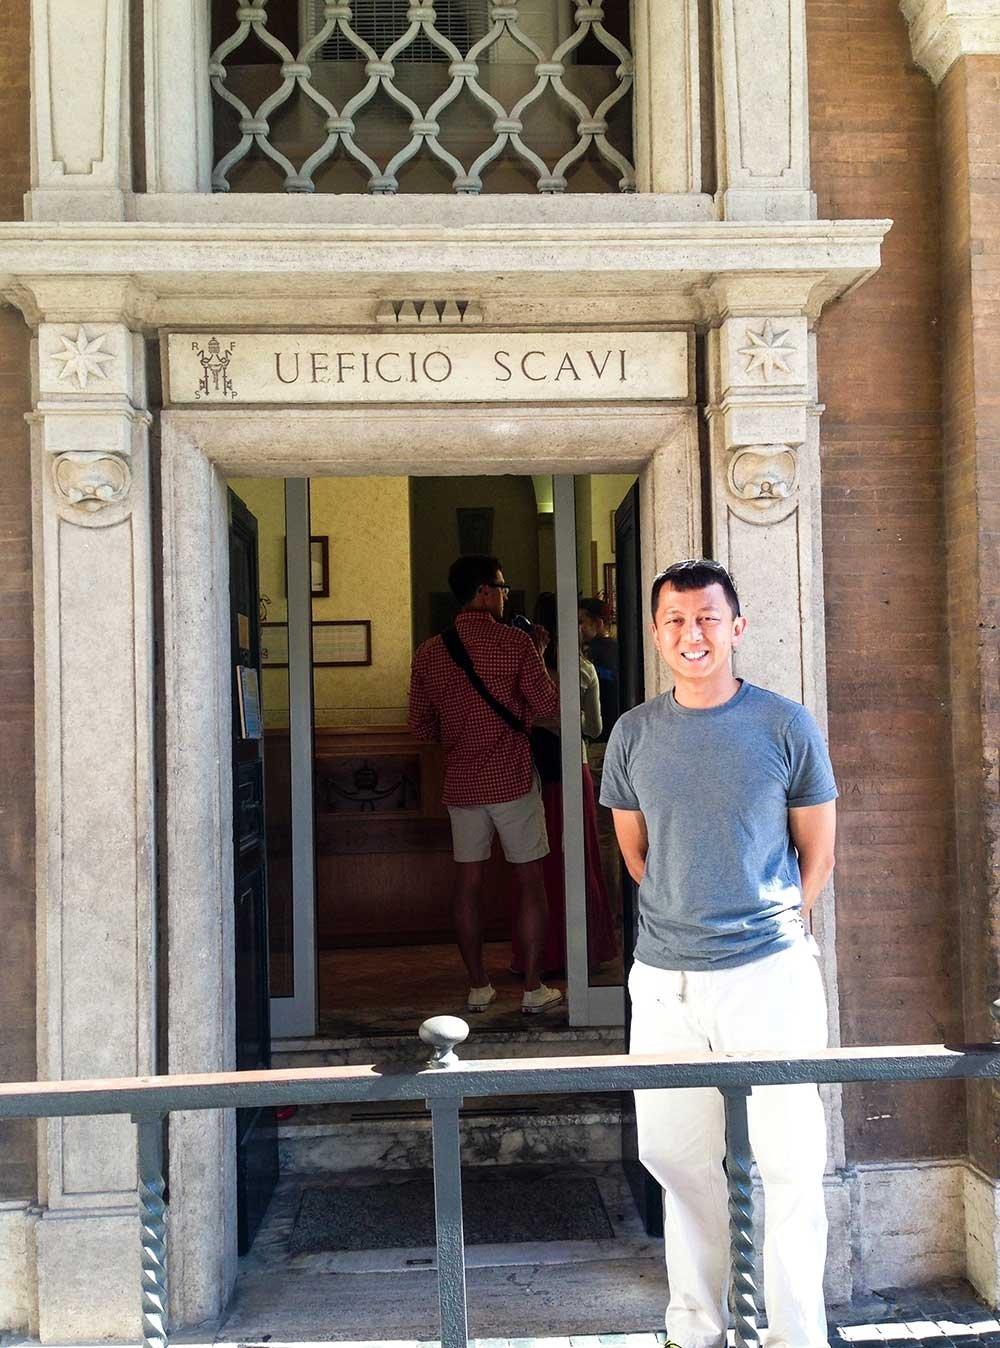 vatican city tours - Scavi tour